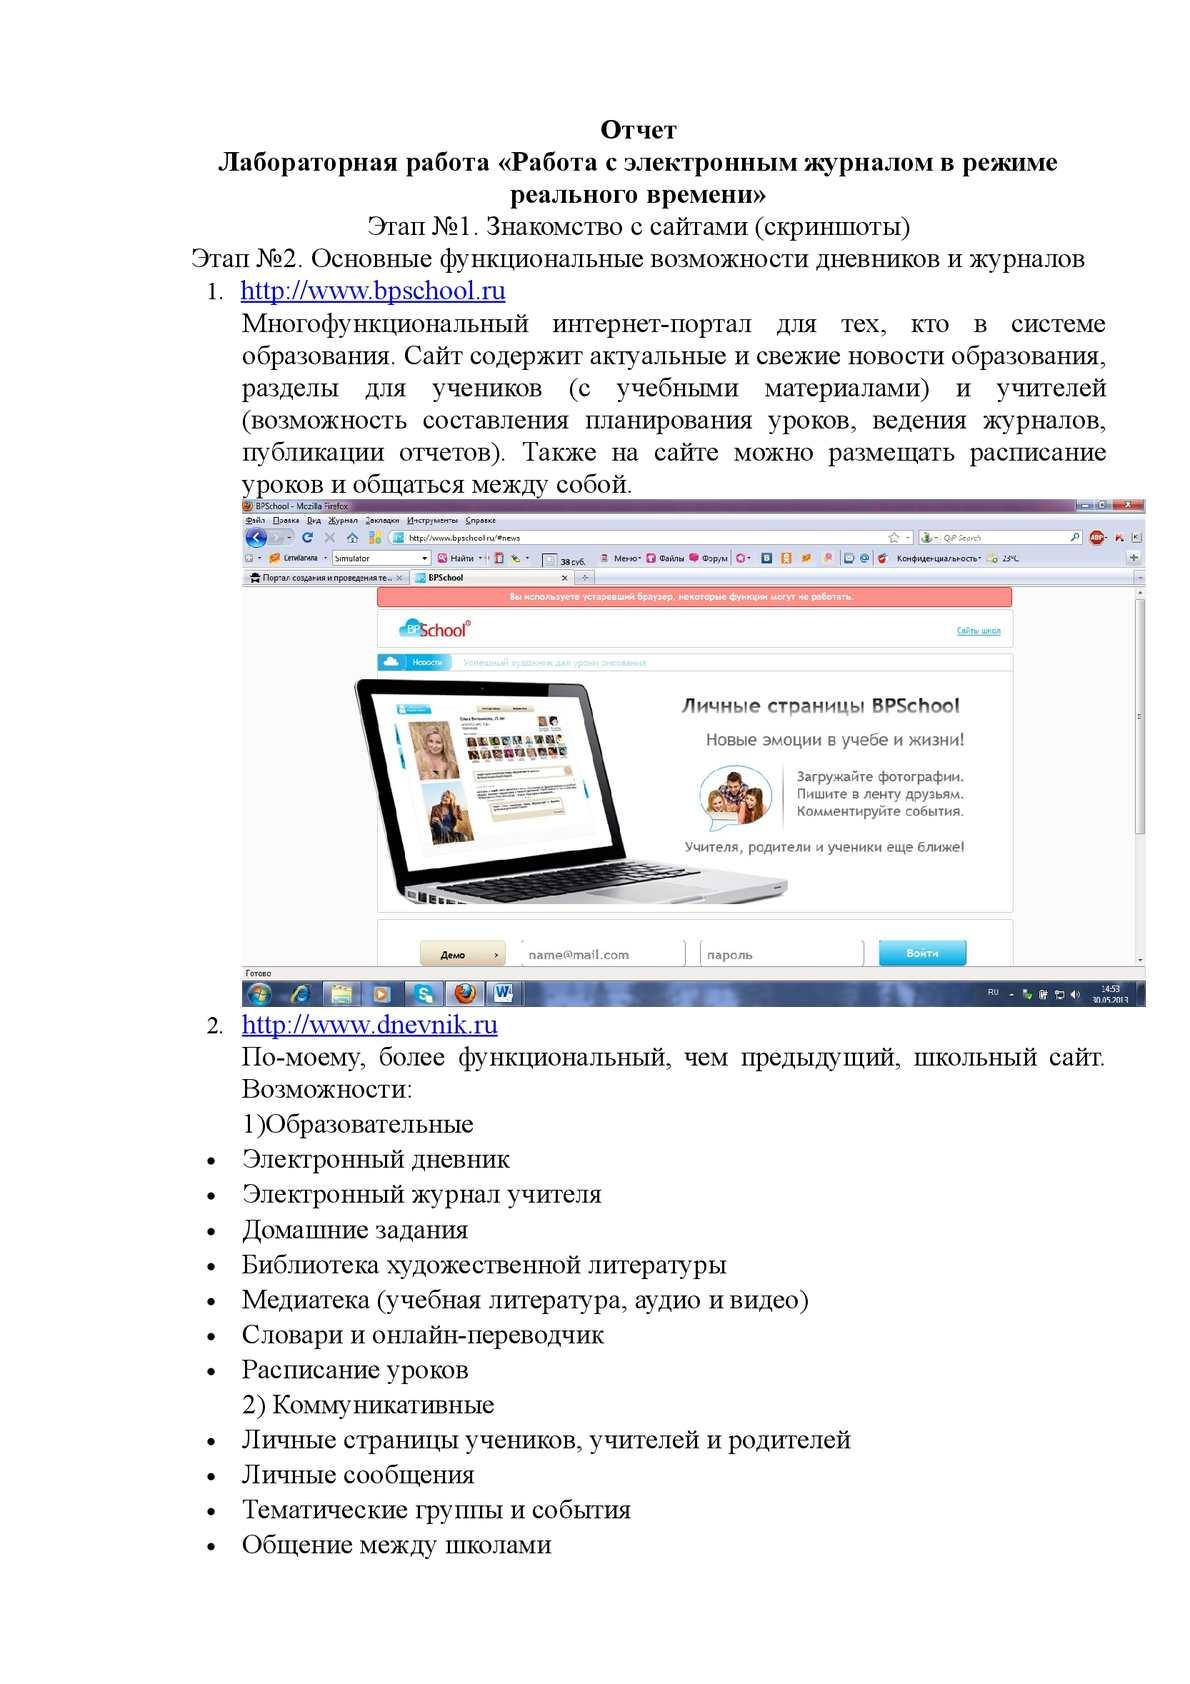 лабораторная работа знакомство с линукс